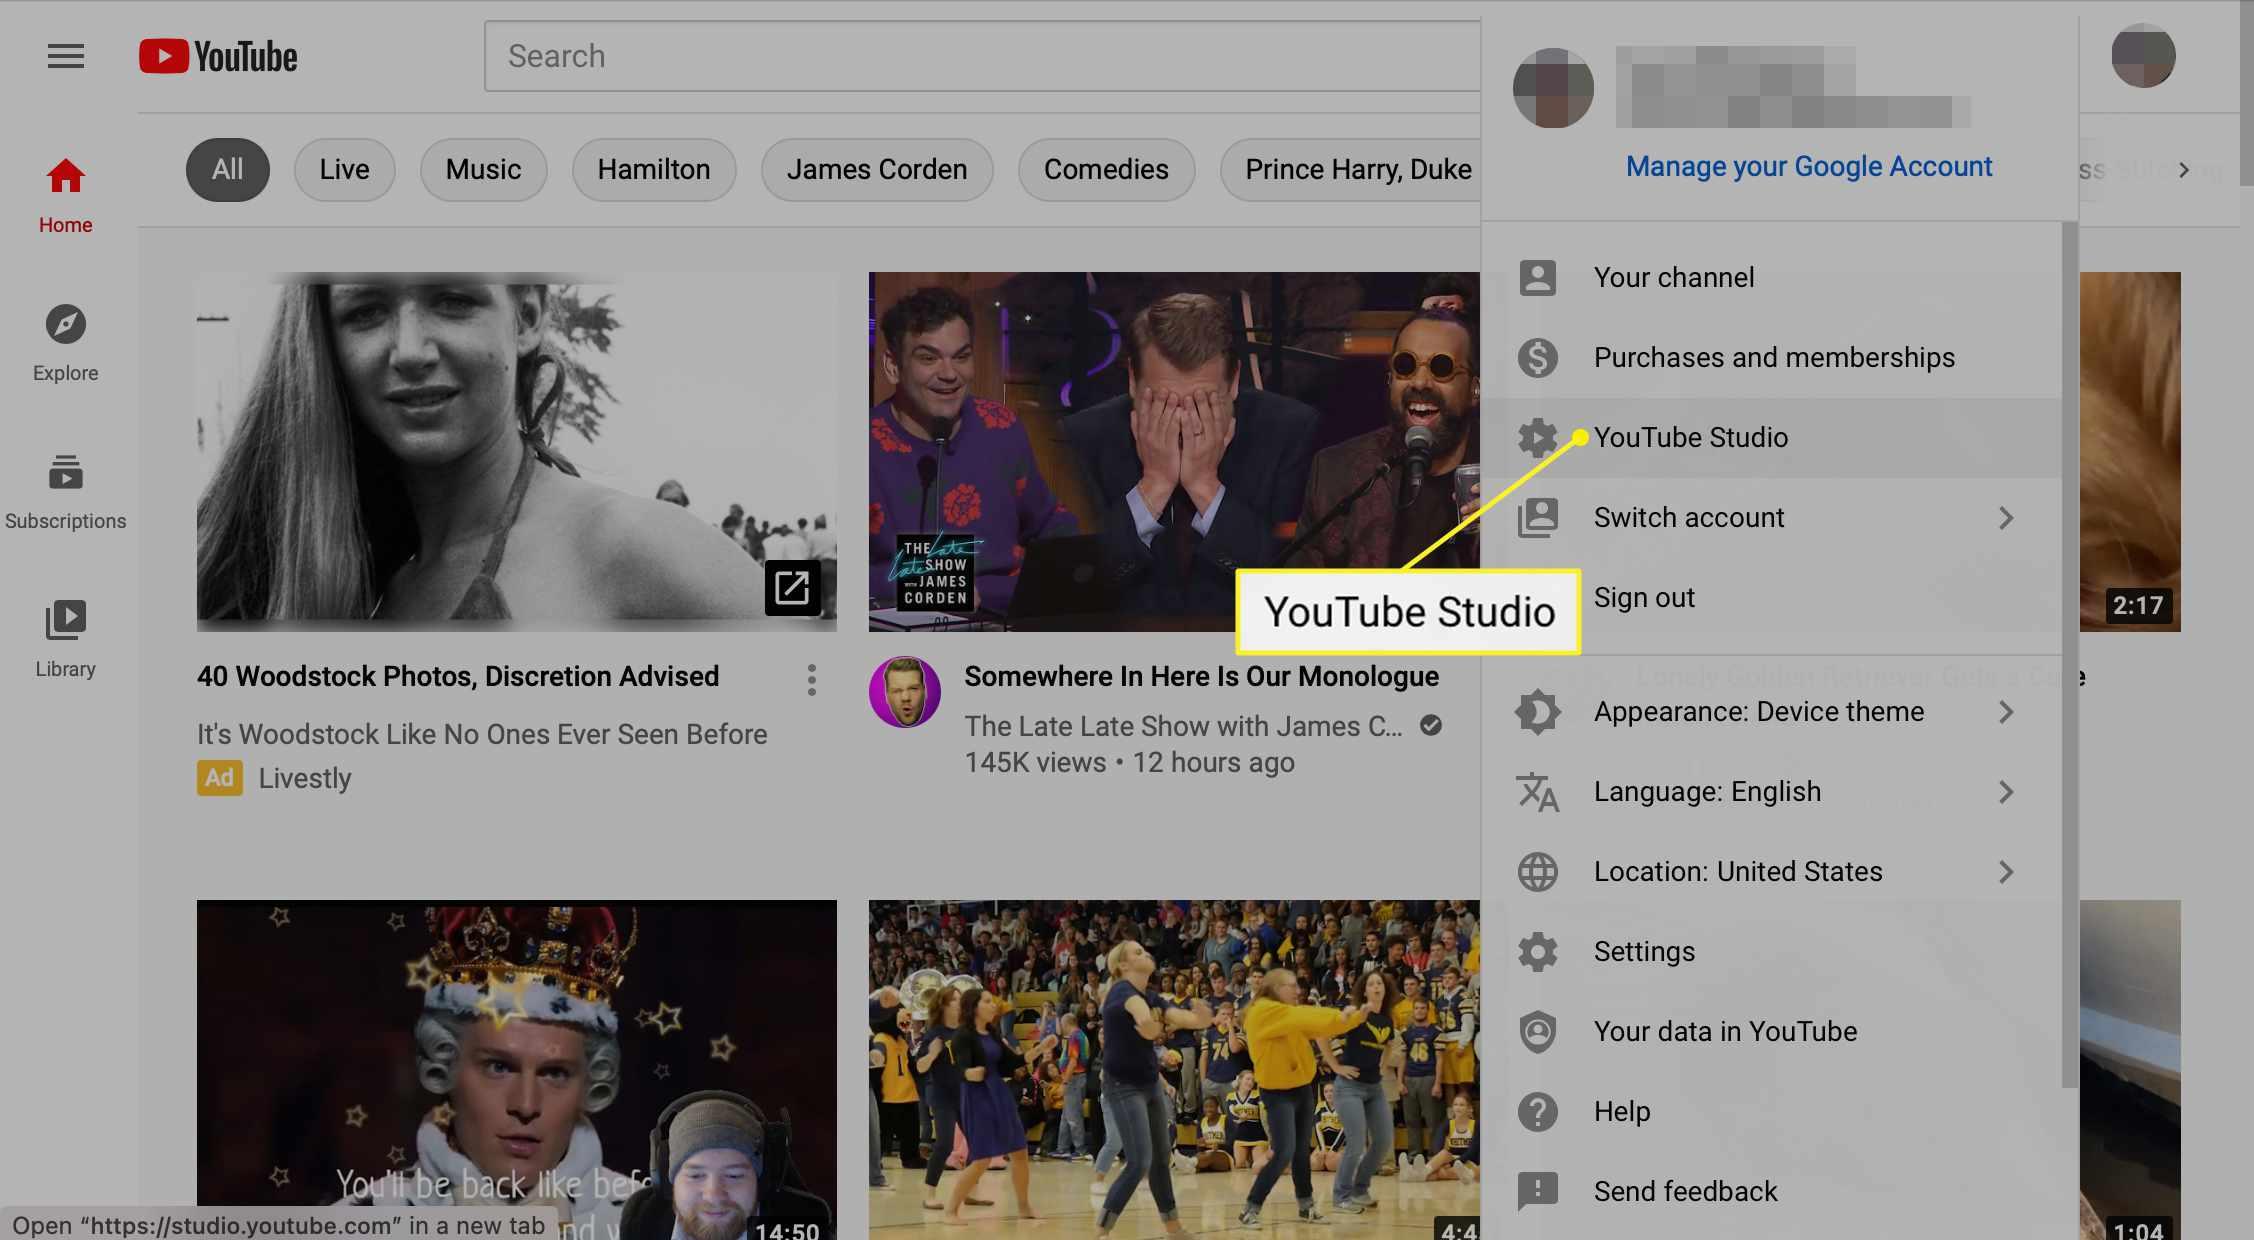 YouTube Studio selected in drop-down menu